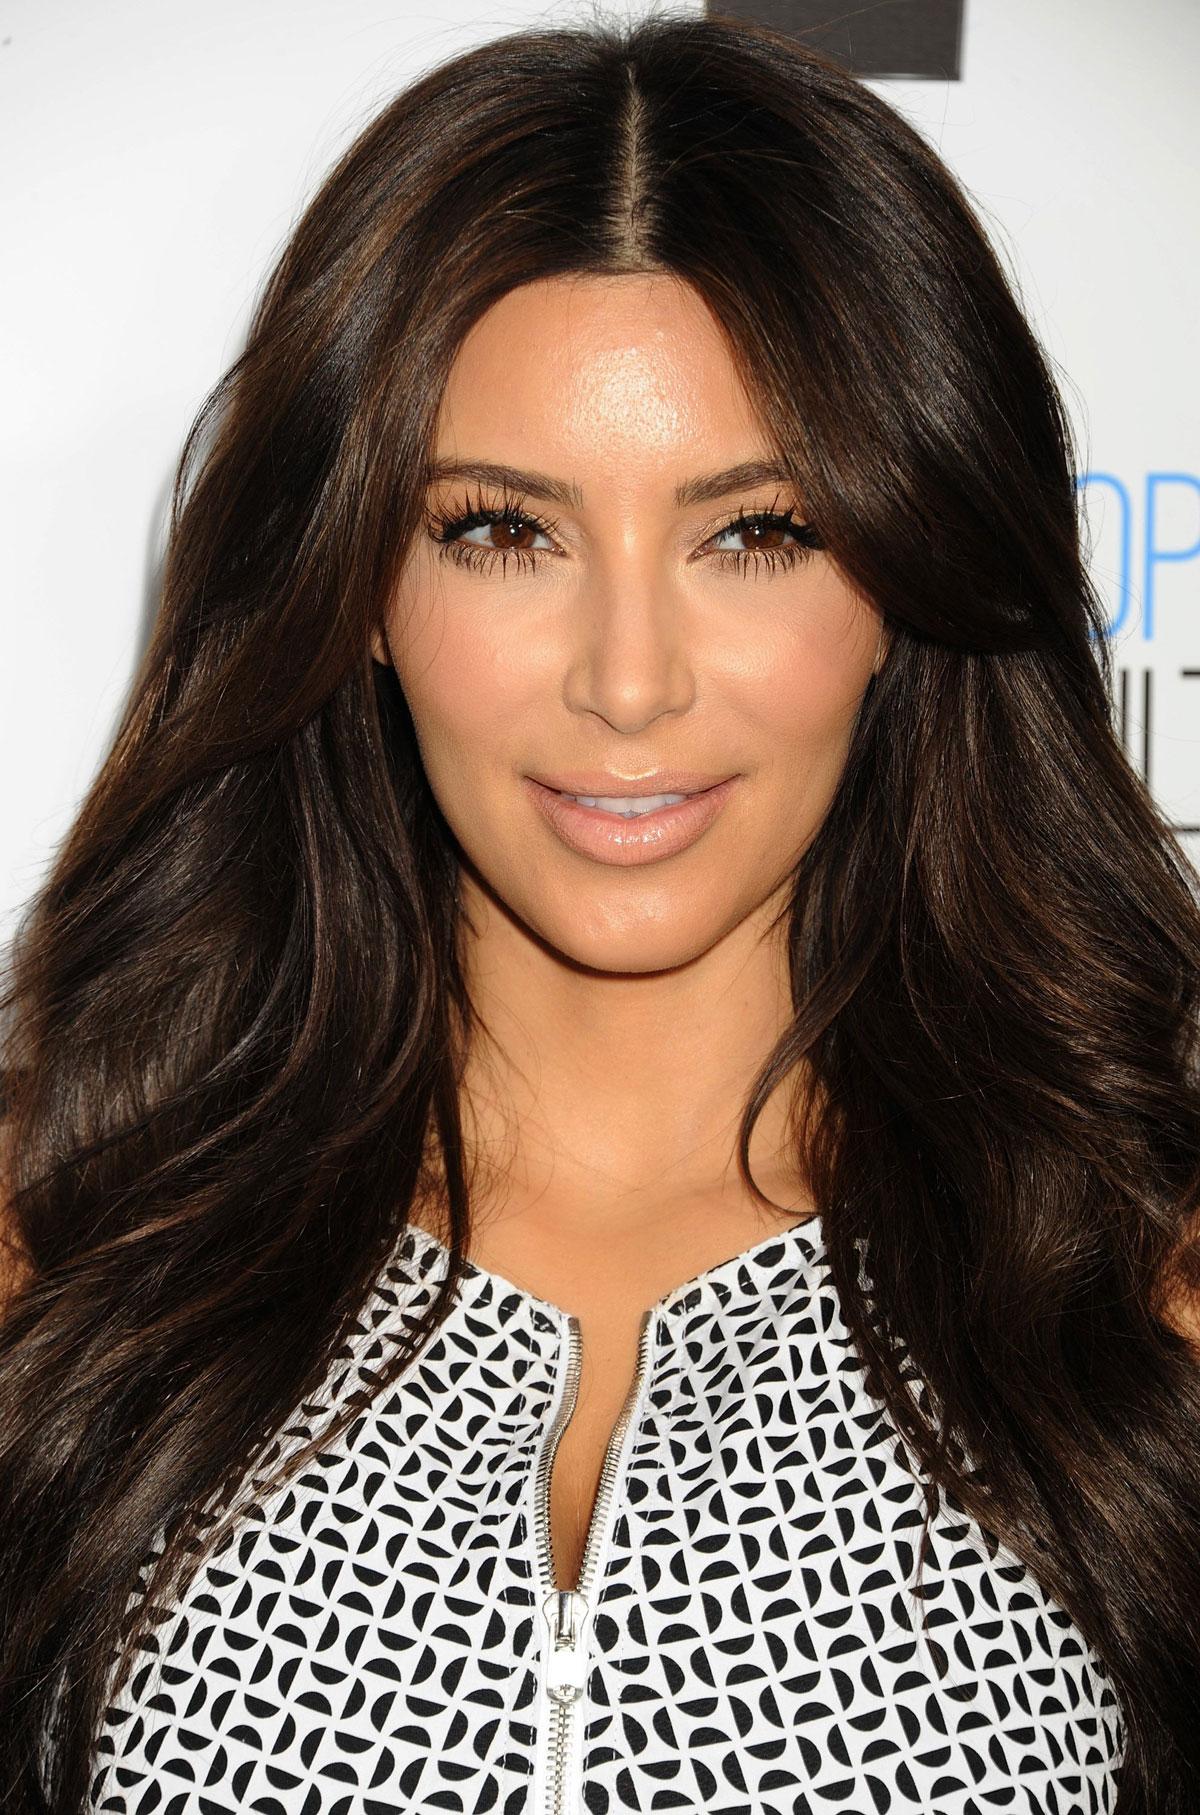 Kim Kardashian at the E! UpFront presentation at Gotham